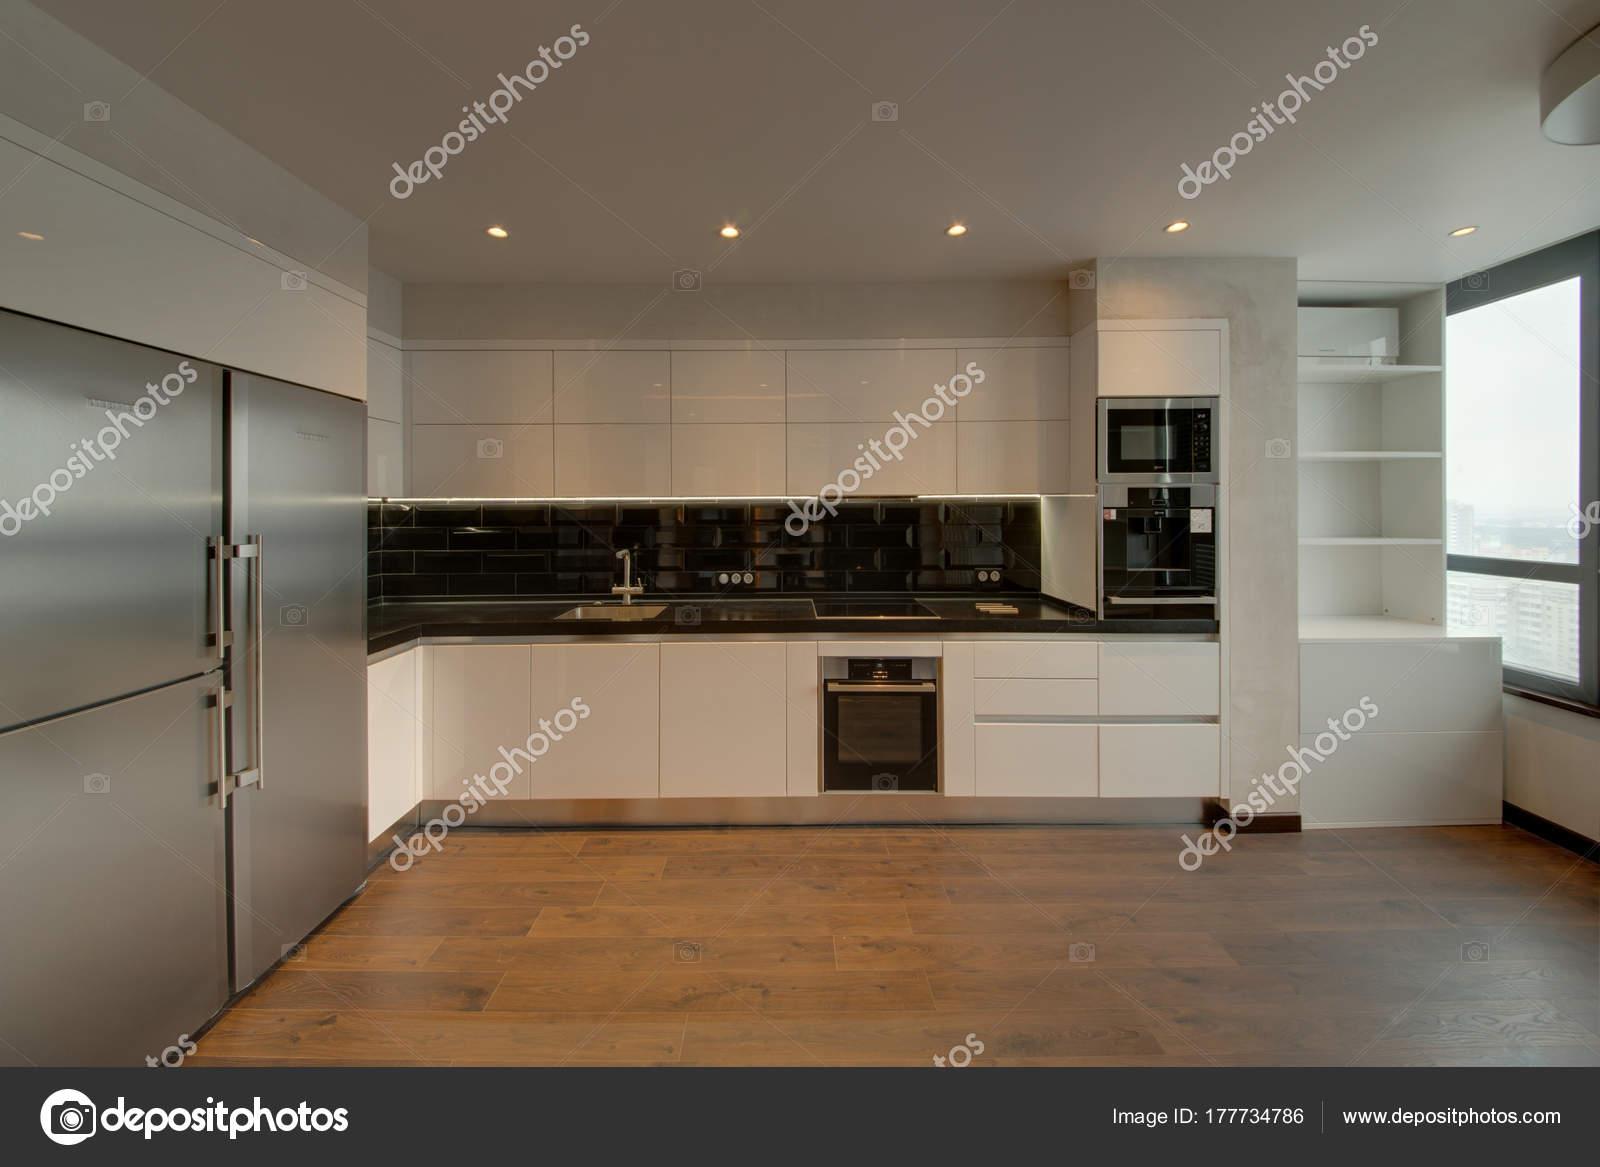 Witte keuken met een zwarte schort een houten vloer u stockfoto